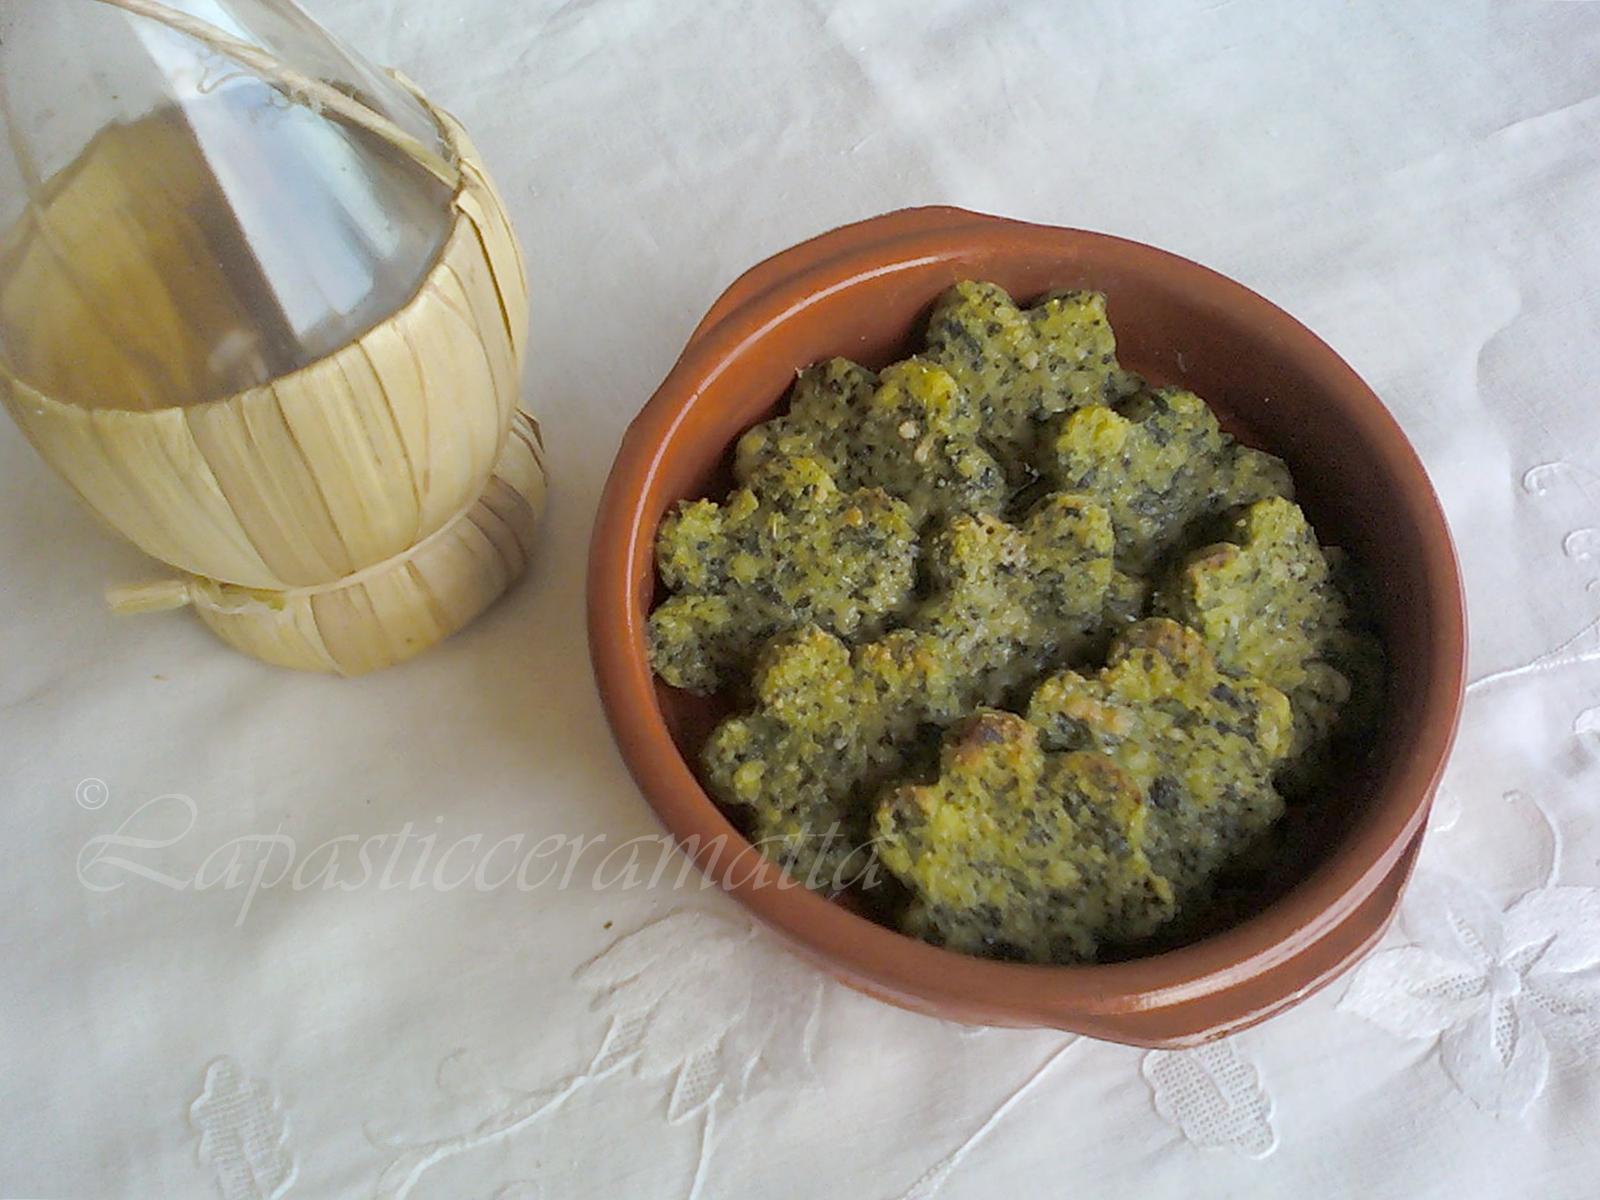 Medaglioni di semolino con spinaci, una golosa rivisitazione dei classici medaglioni di semolino, con spinaci, buonissimi